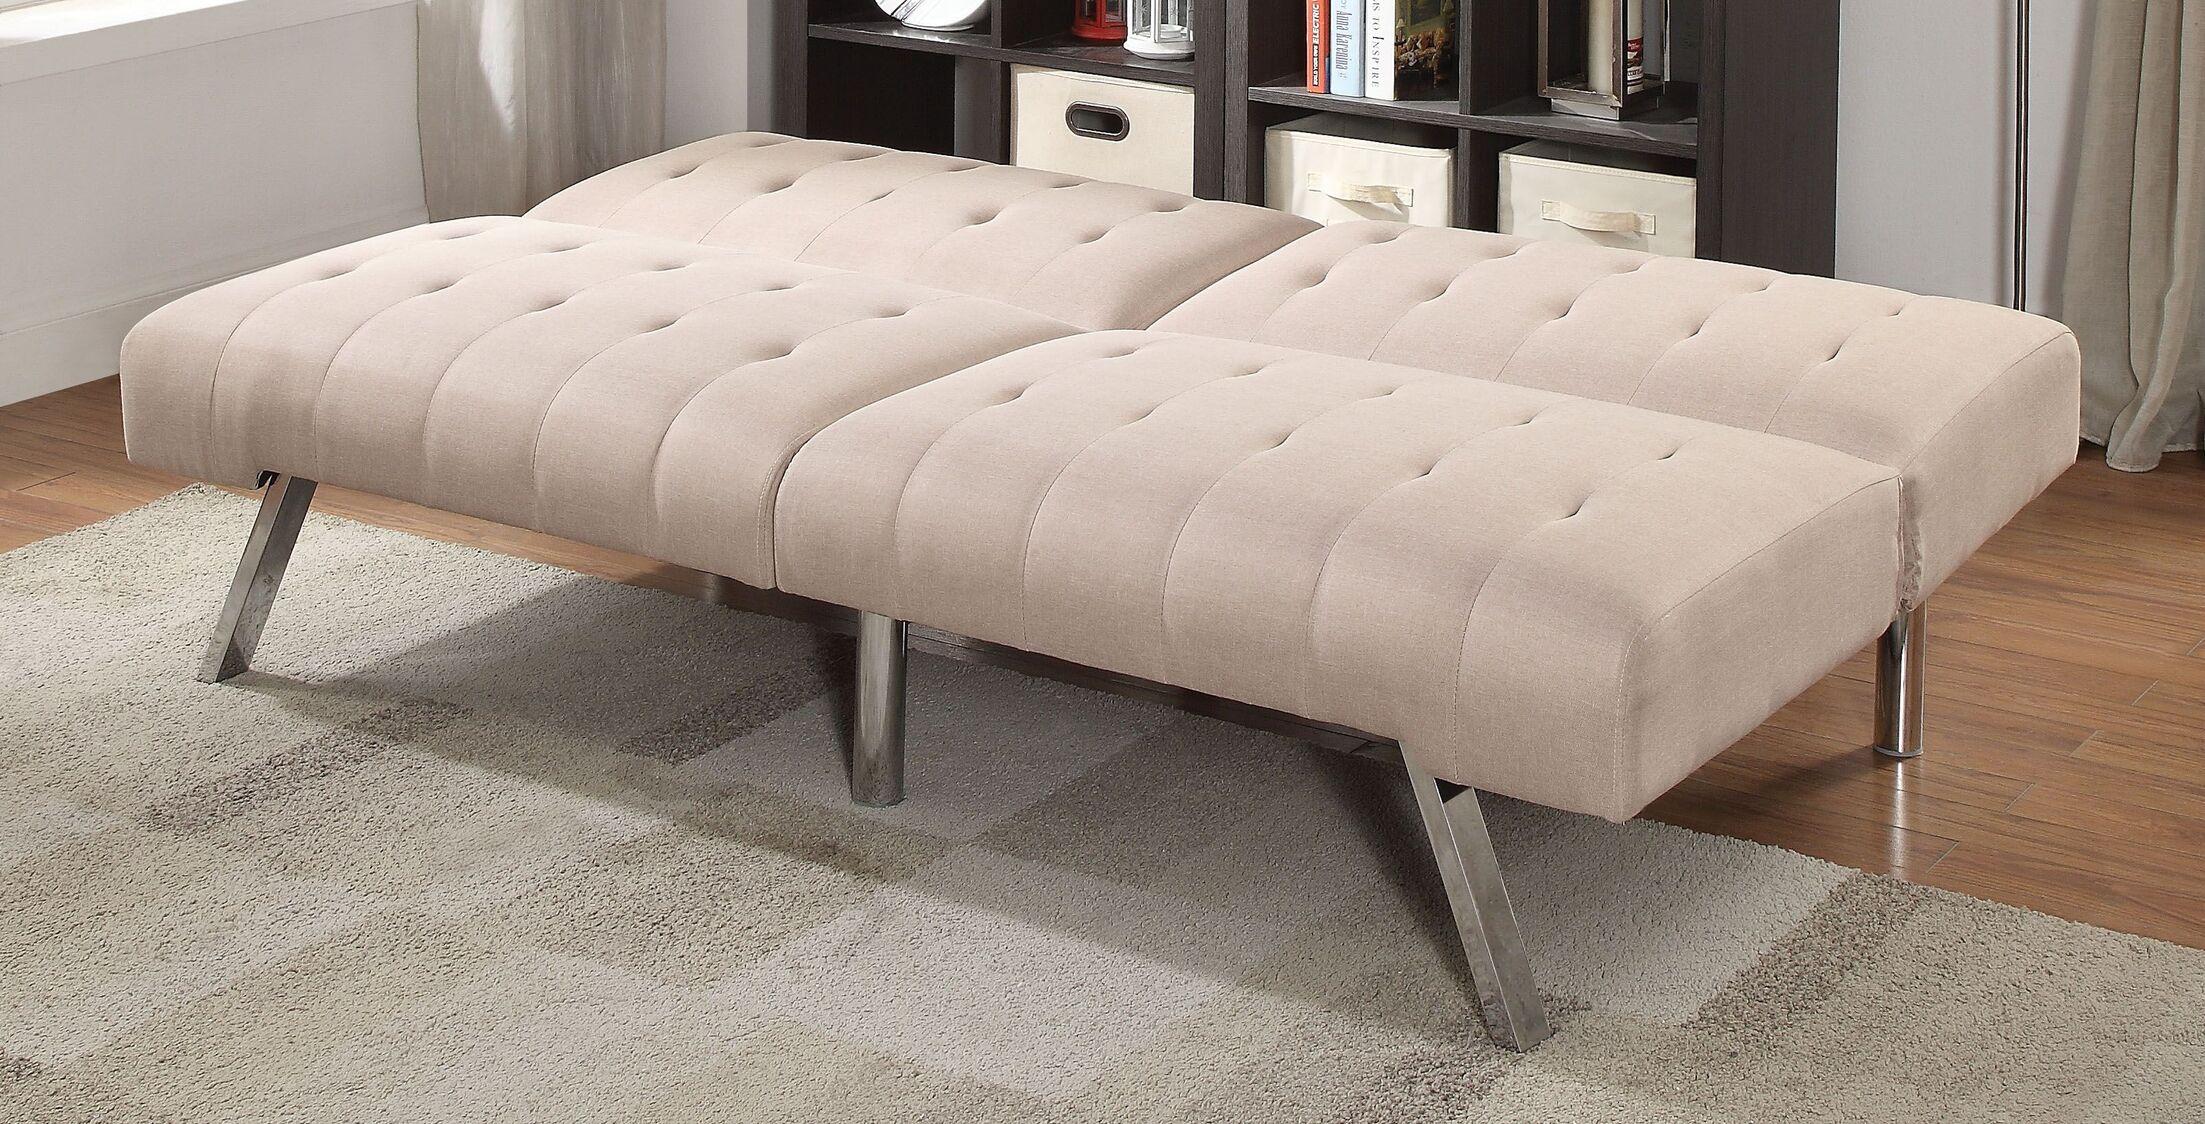 Beaulieu Convertible Sofa Upholstery: Beige